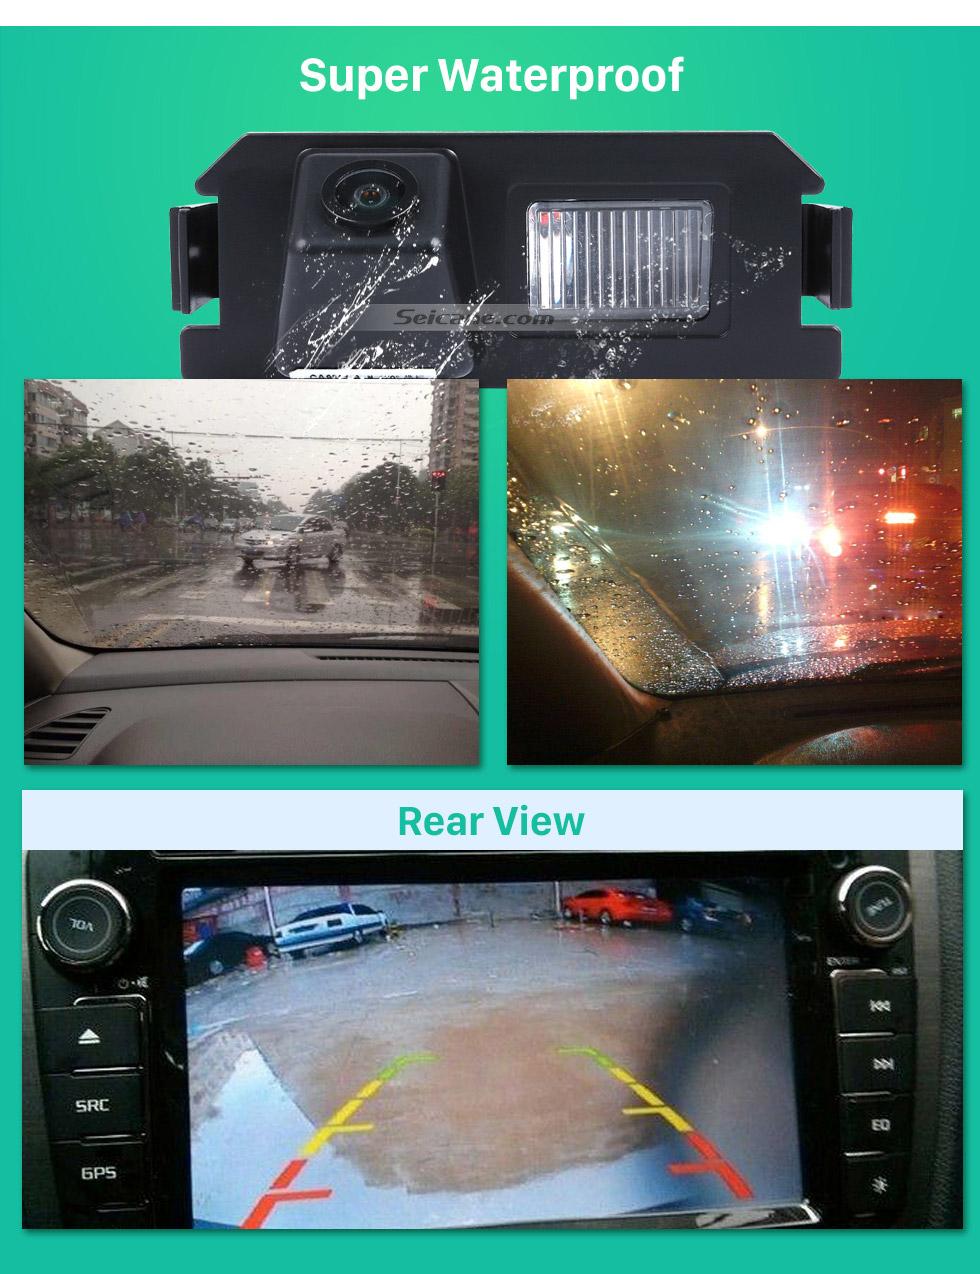 Super Waterproof 170° HD wasserdicht blau Herrscher Nachtsicht Auto Rückfahr kamera für 2009-2013 KIA Soul RIO Versand kostenfrei